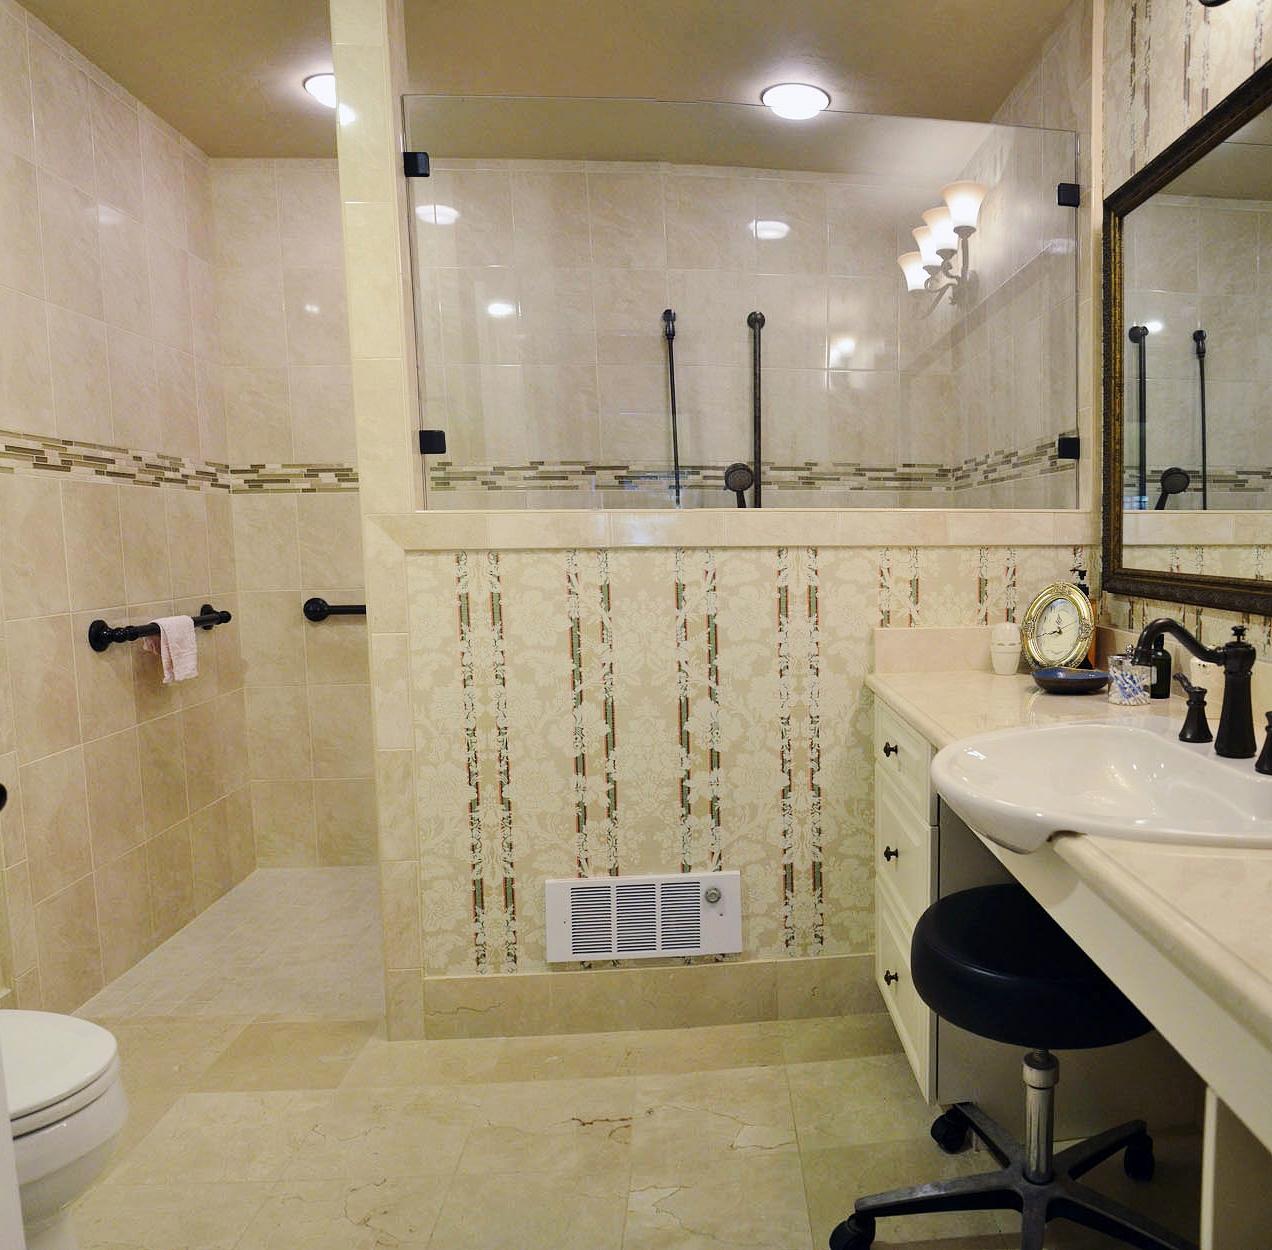 barrier free shower, Moen grab bars, Kohler sink, oil rubbed bronze Moen faucets